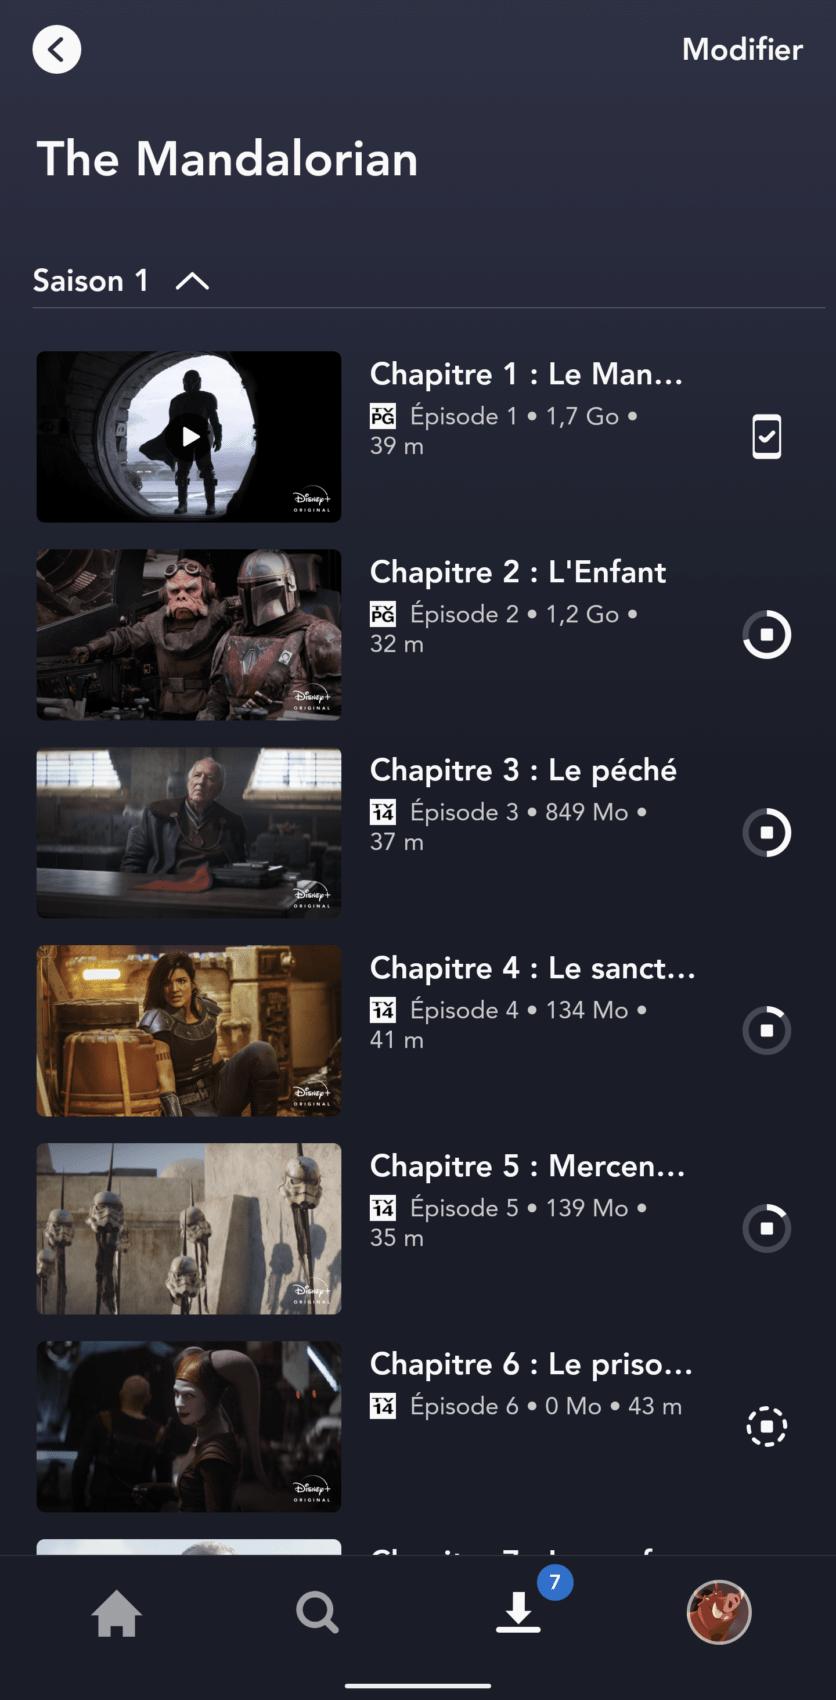 Le premier épisode est téléchargé, comme l'indique l'icône à sa droite tandis que les autres épisodes sont en train d'être enregistrés